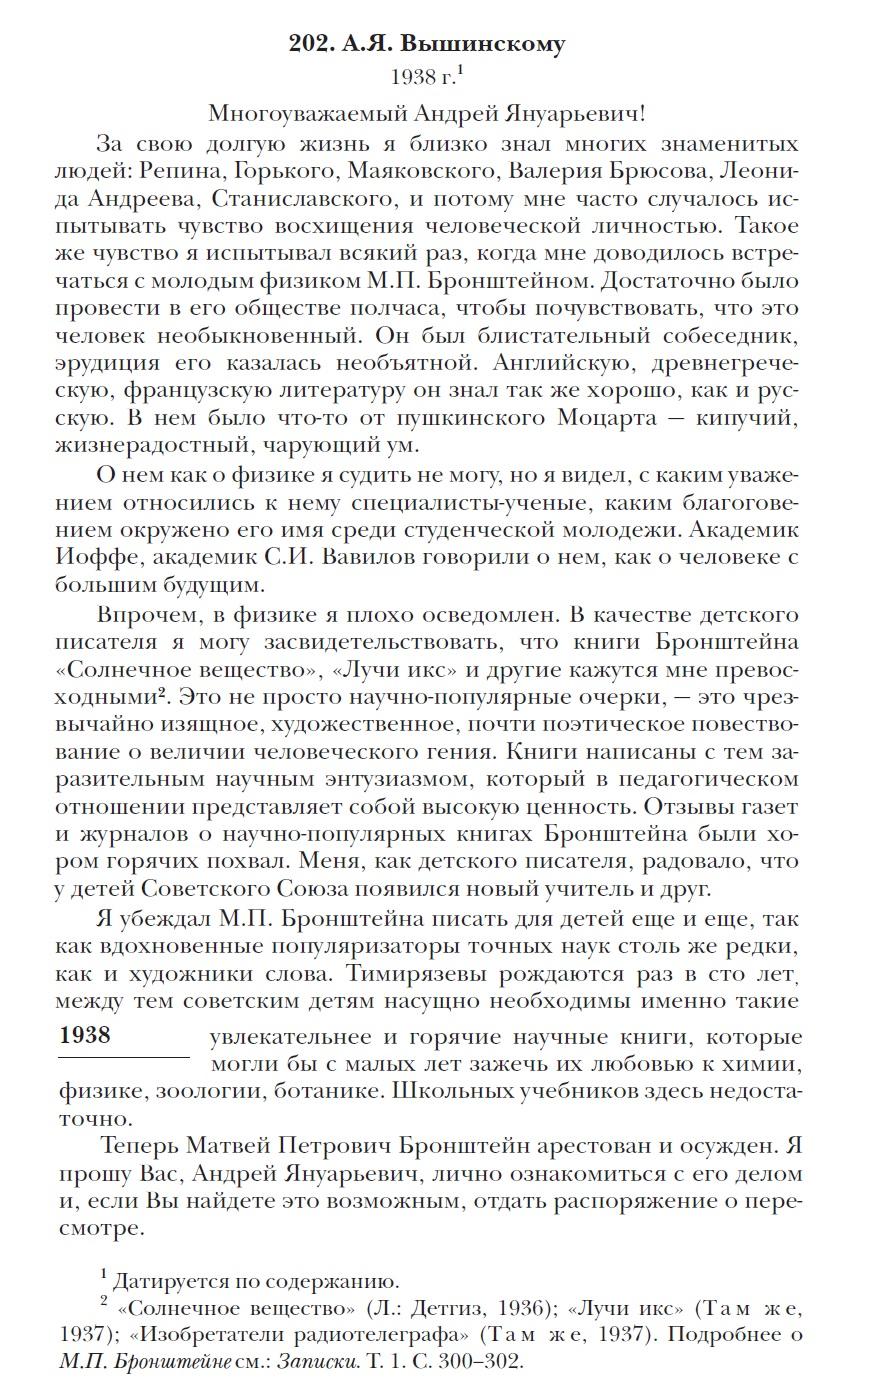 https://img-fotki.yandex.ru/get/6824/42410816.8c/0_df016_db683ee0_orig